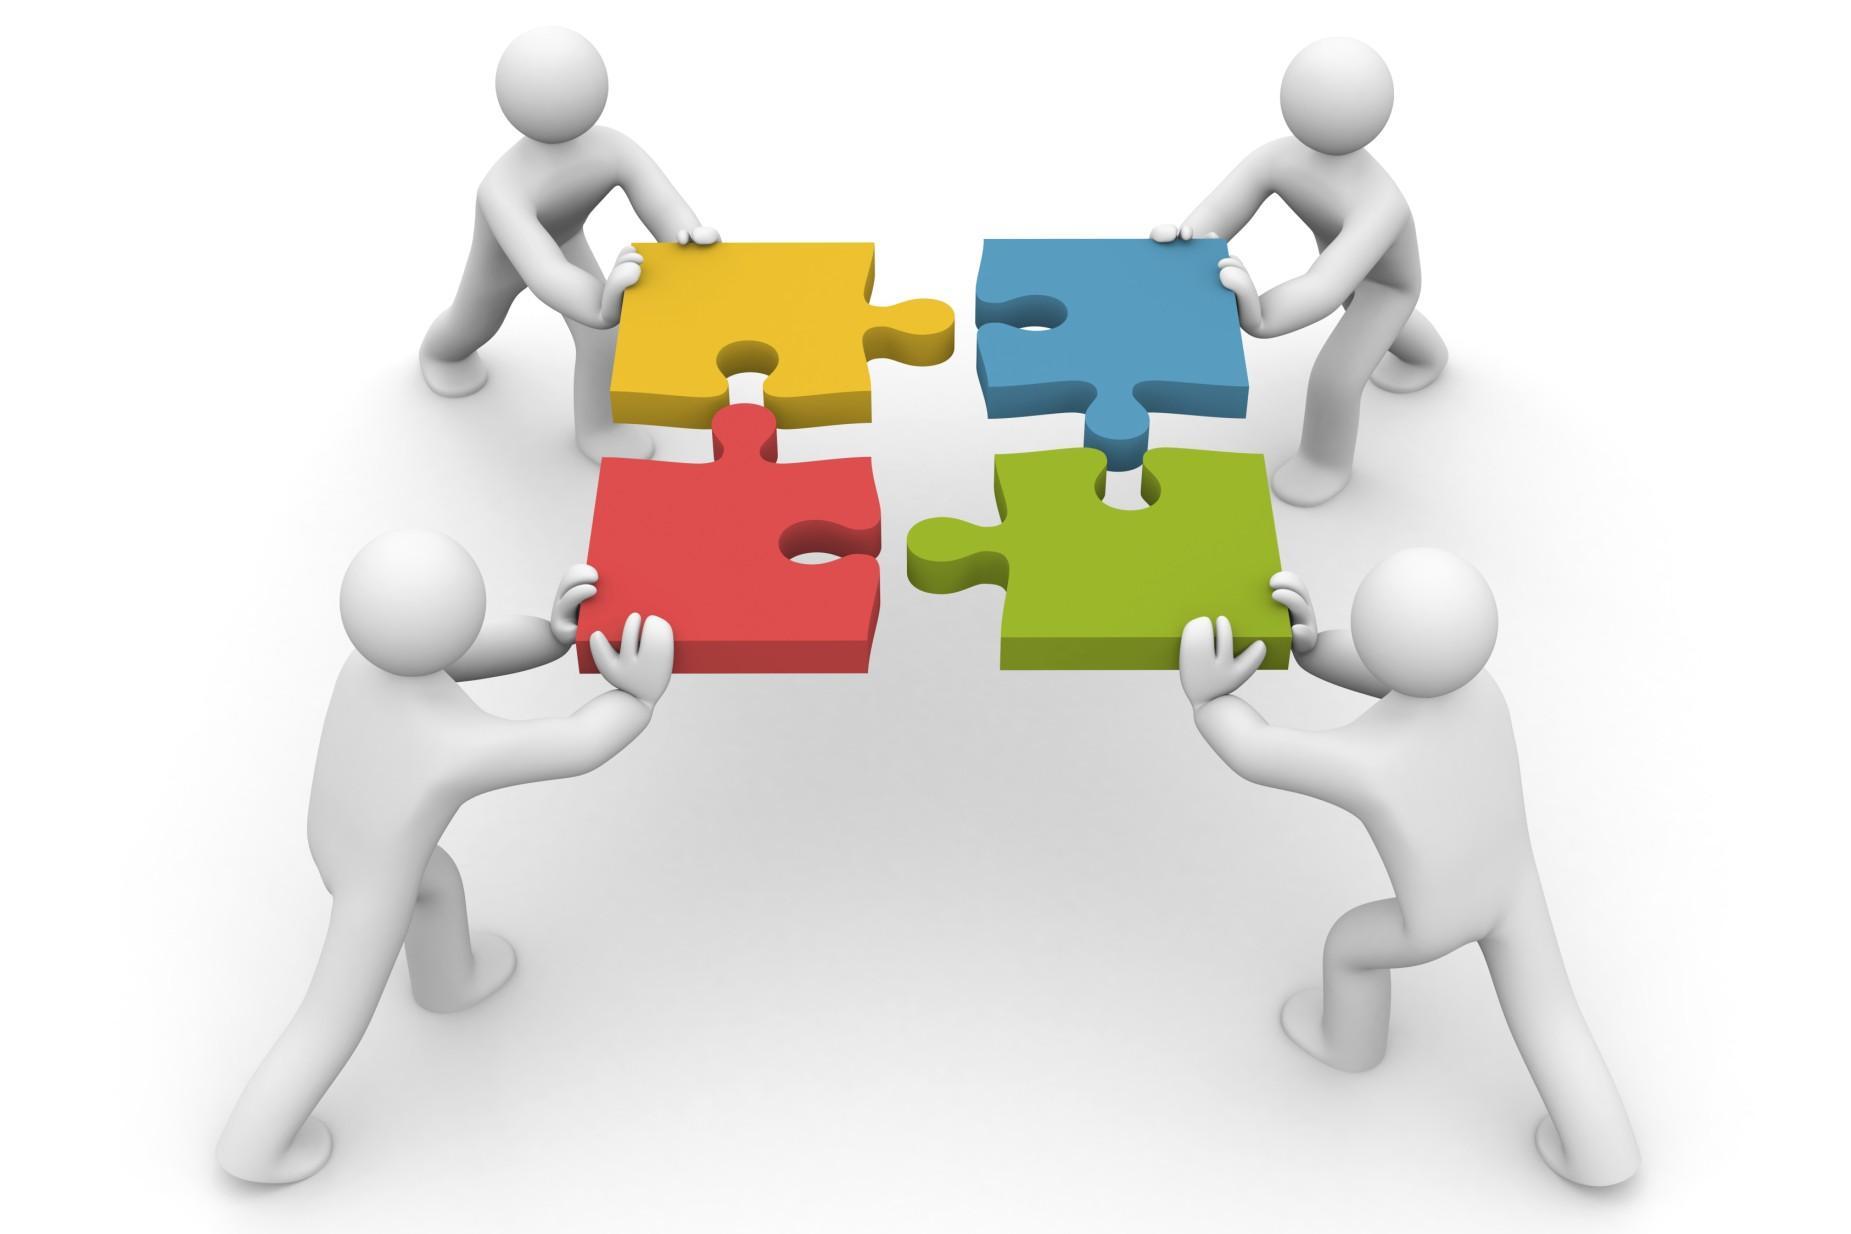 come-costituire-unassociazione-di-promozione-sociale_47965d51ca8a07fa09e1a0cfc955ca4d